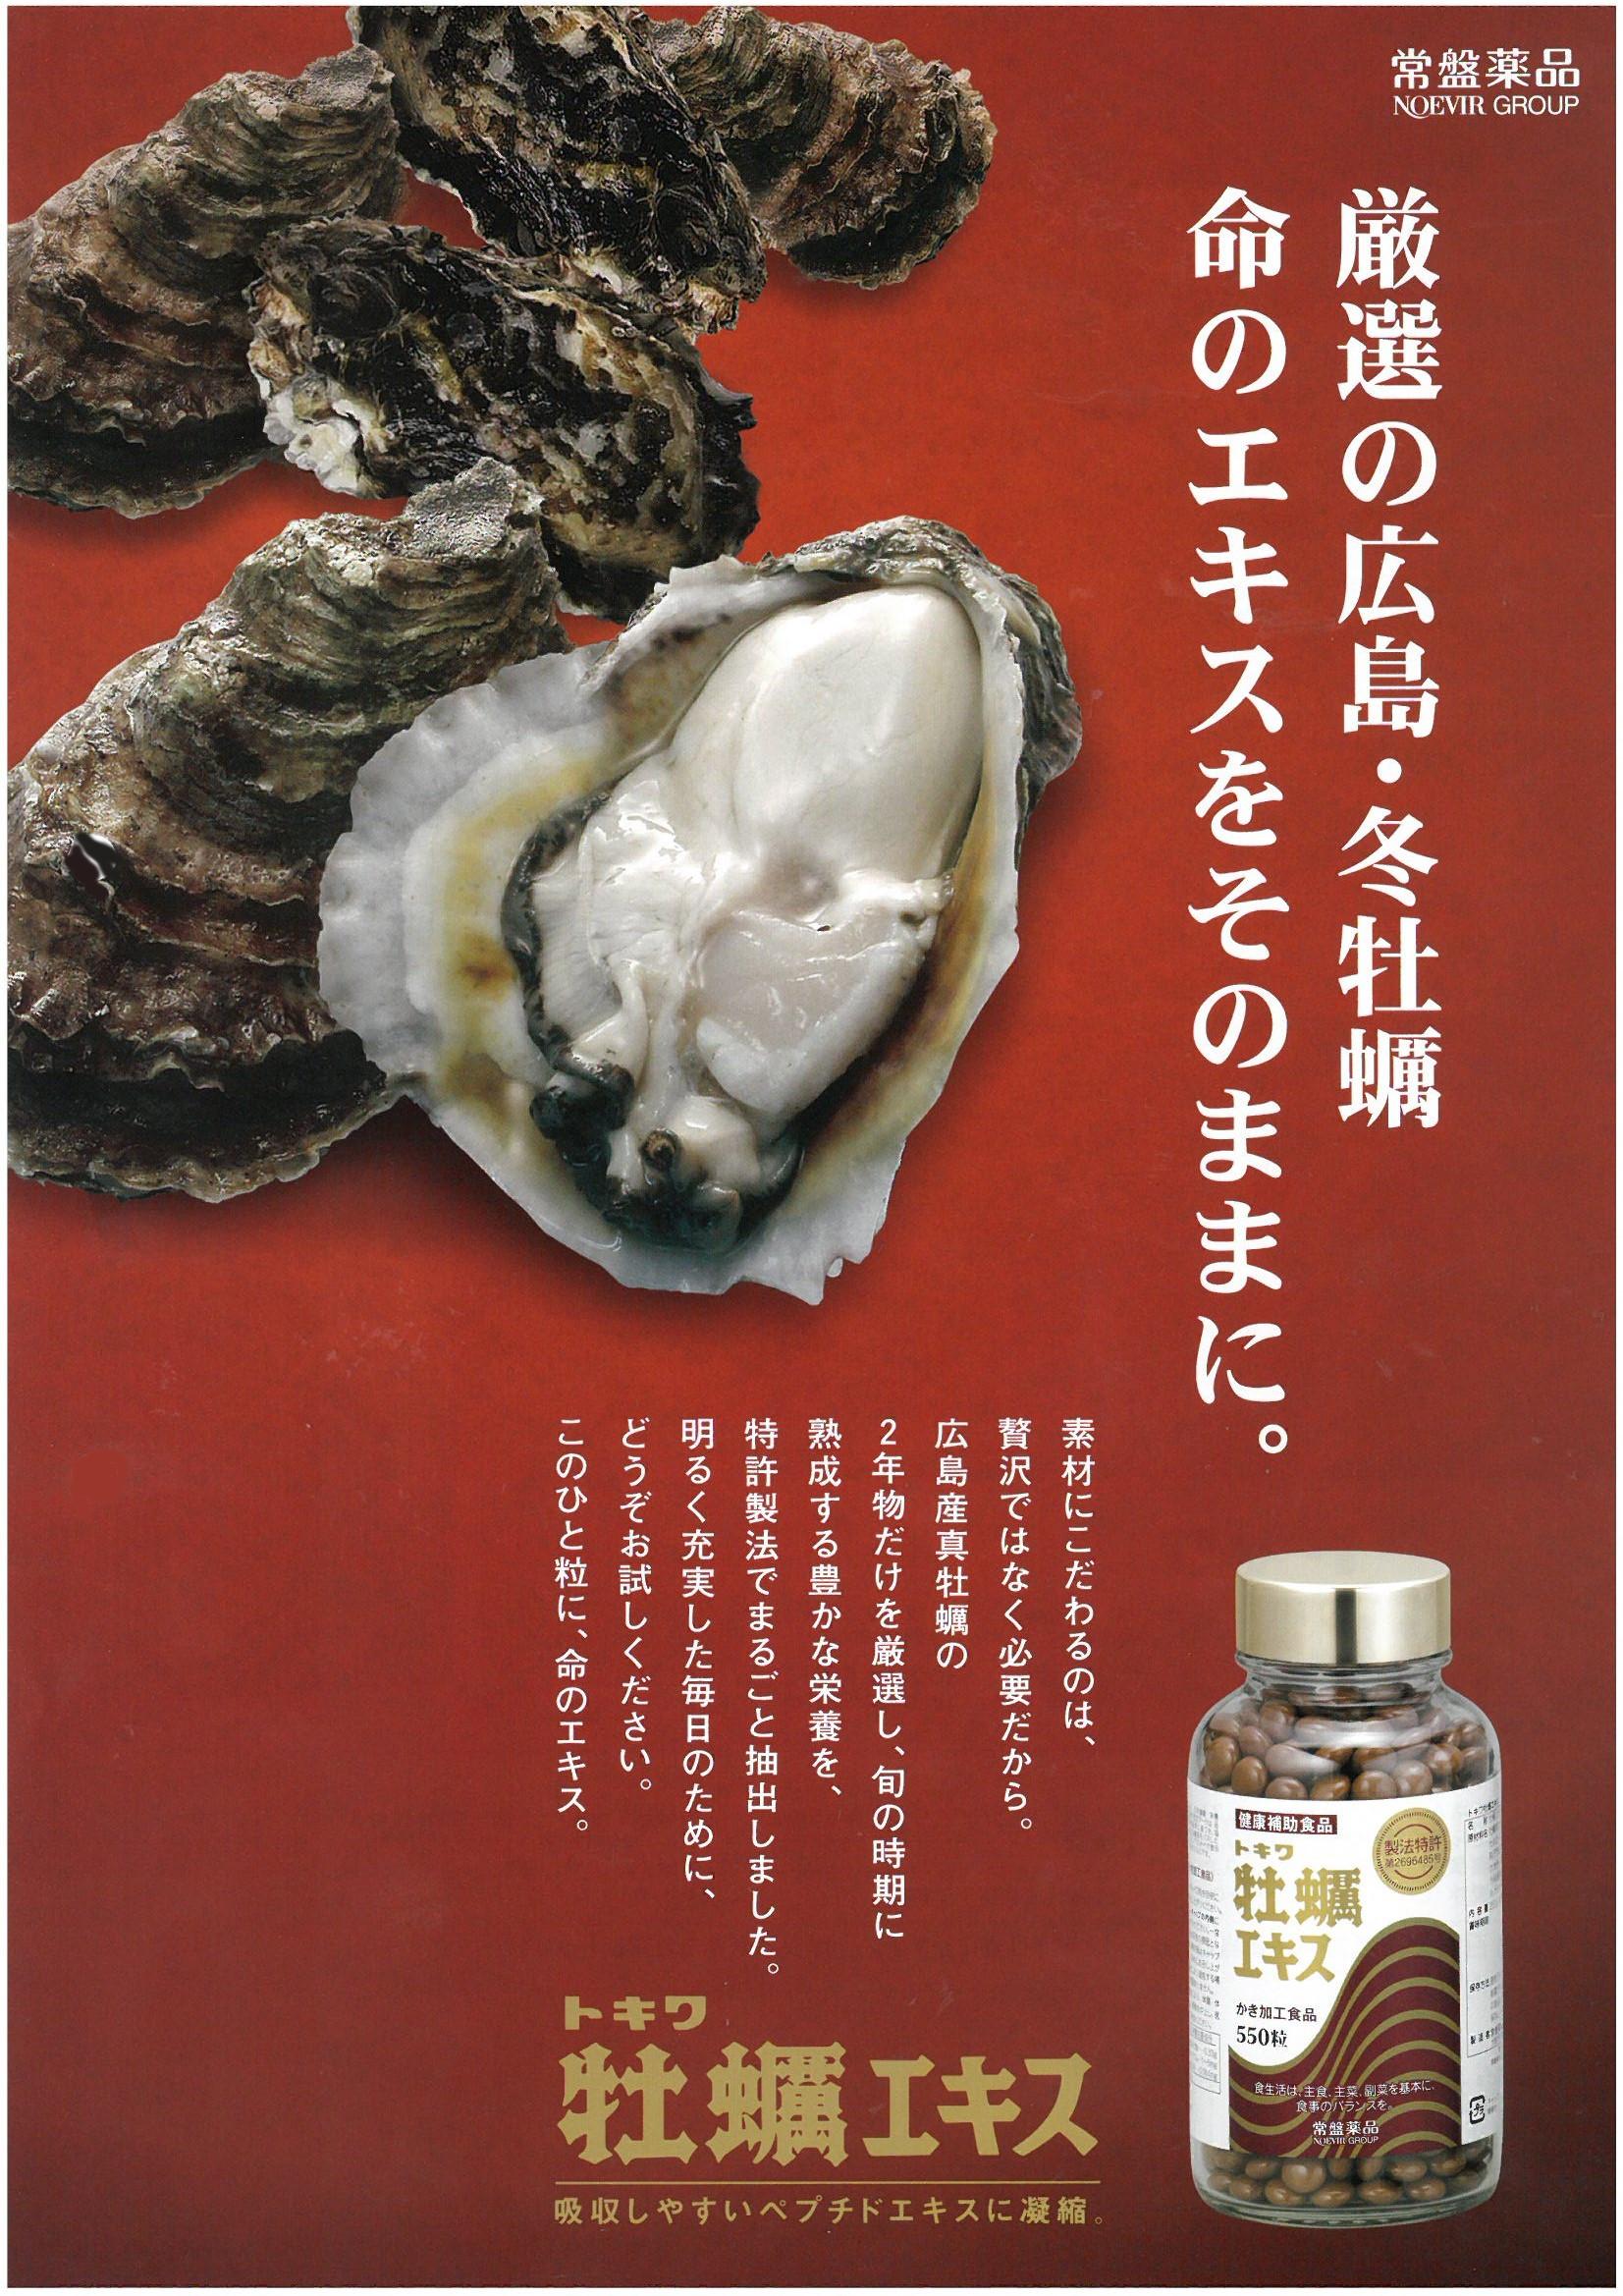 トキワ牡蠣エキスパンフレット表